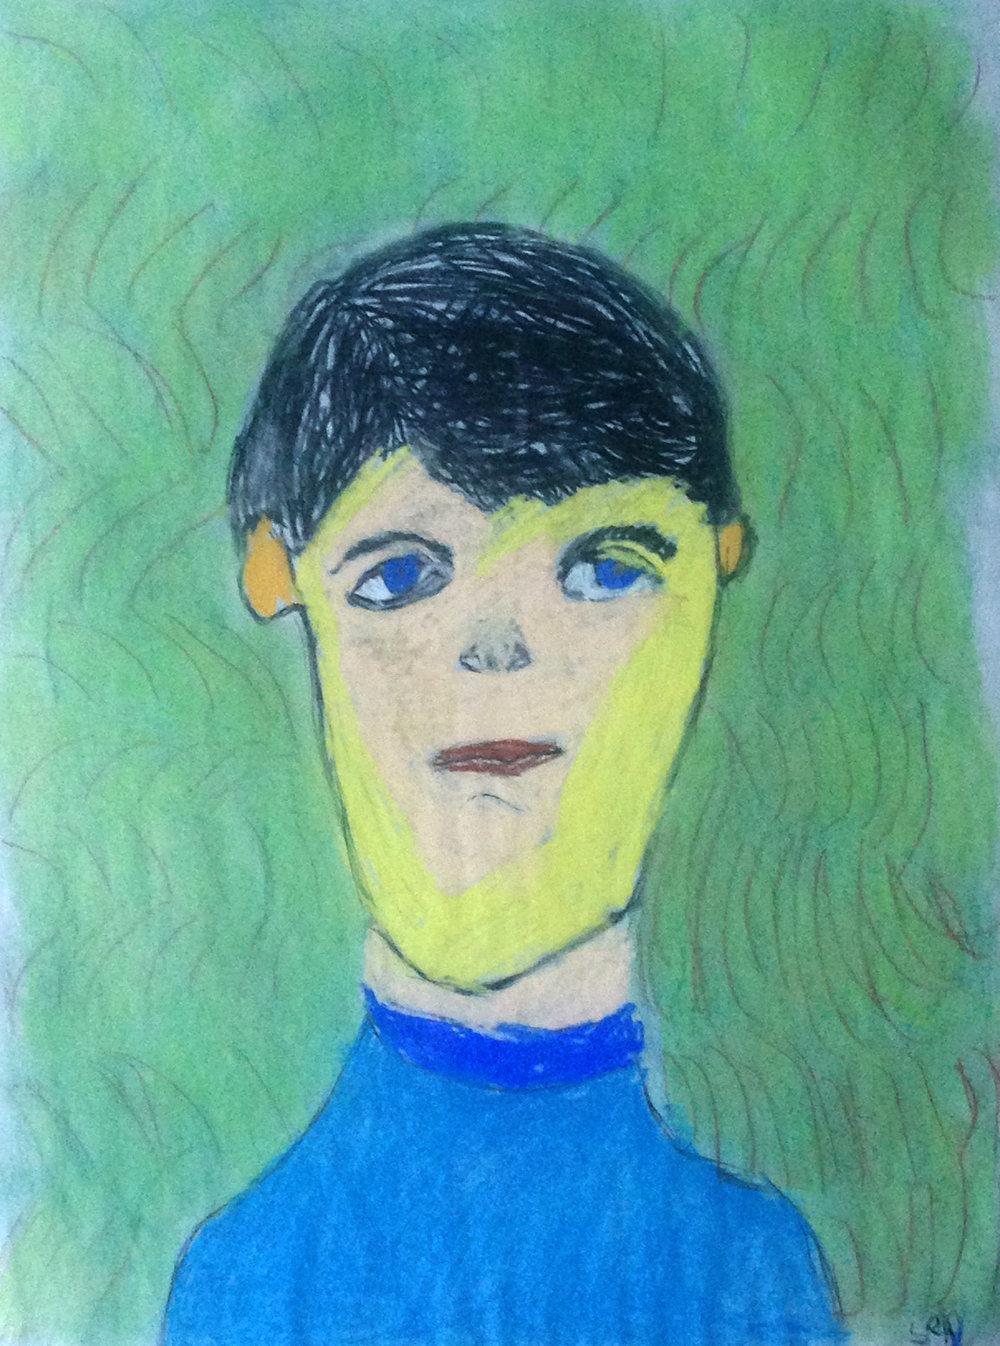 10-yr-old boy